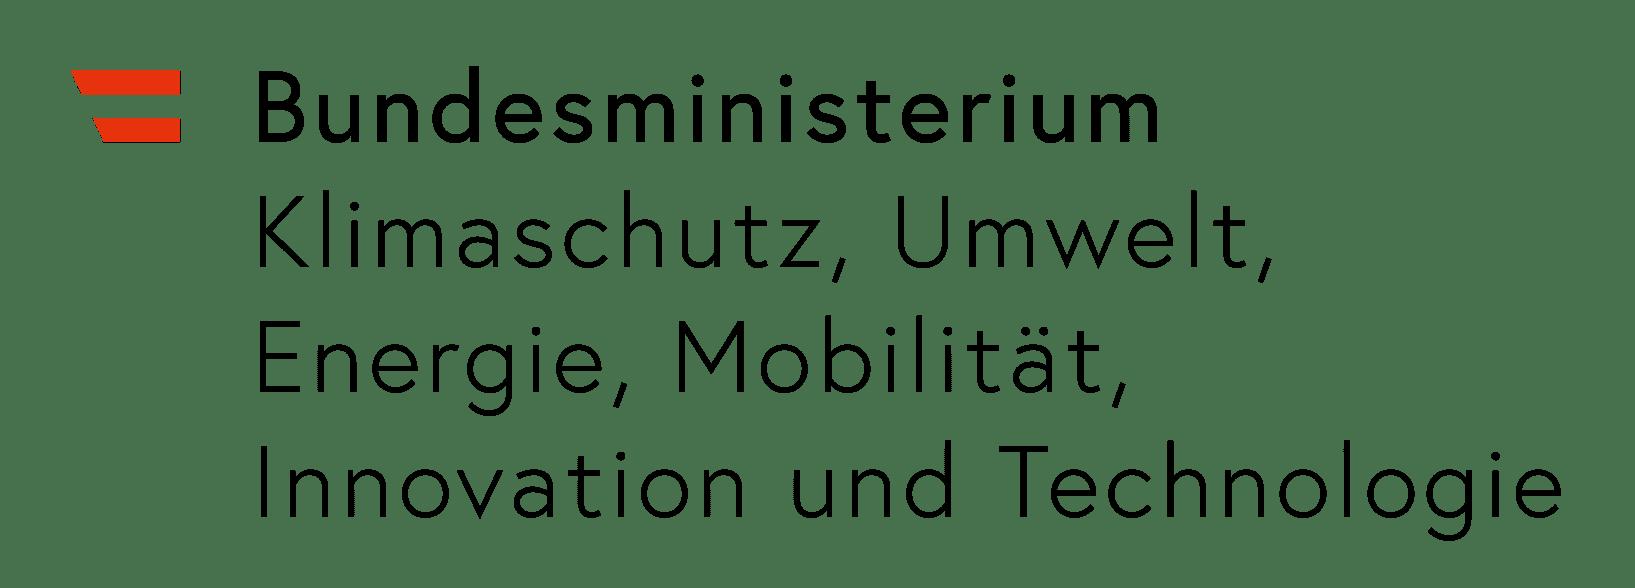 Bundesministerium